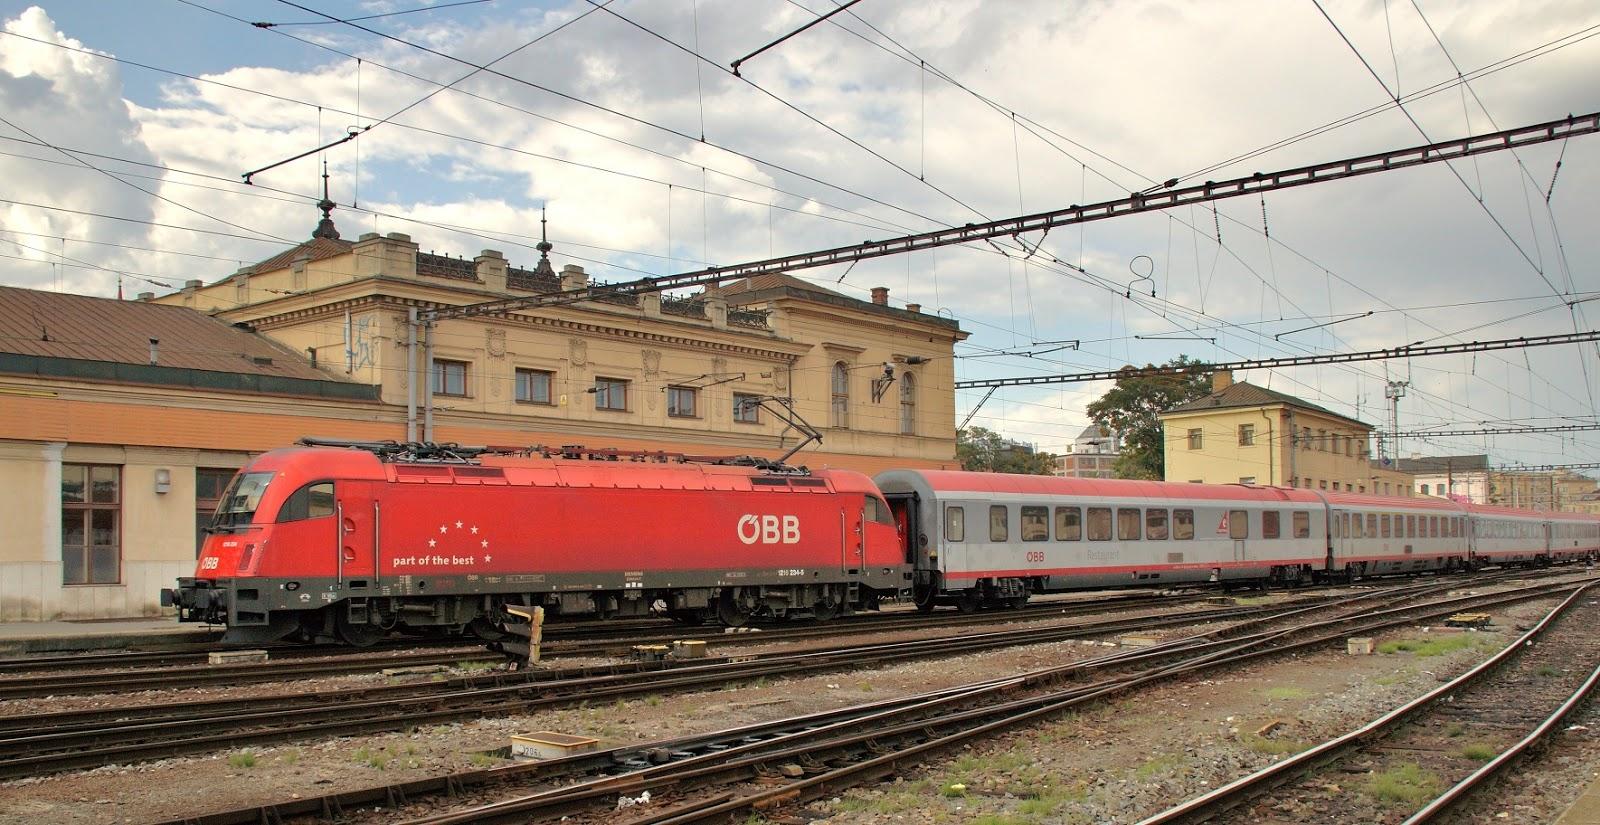 obb austria - Top Hd Wallpapers